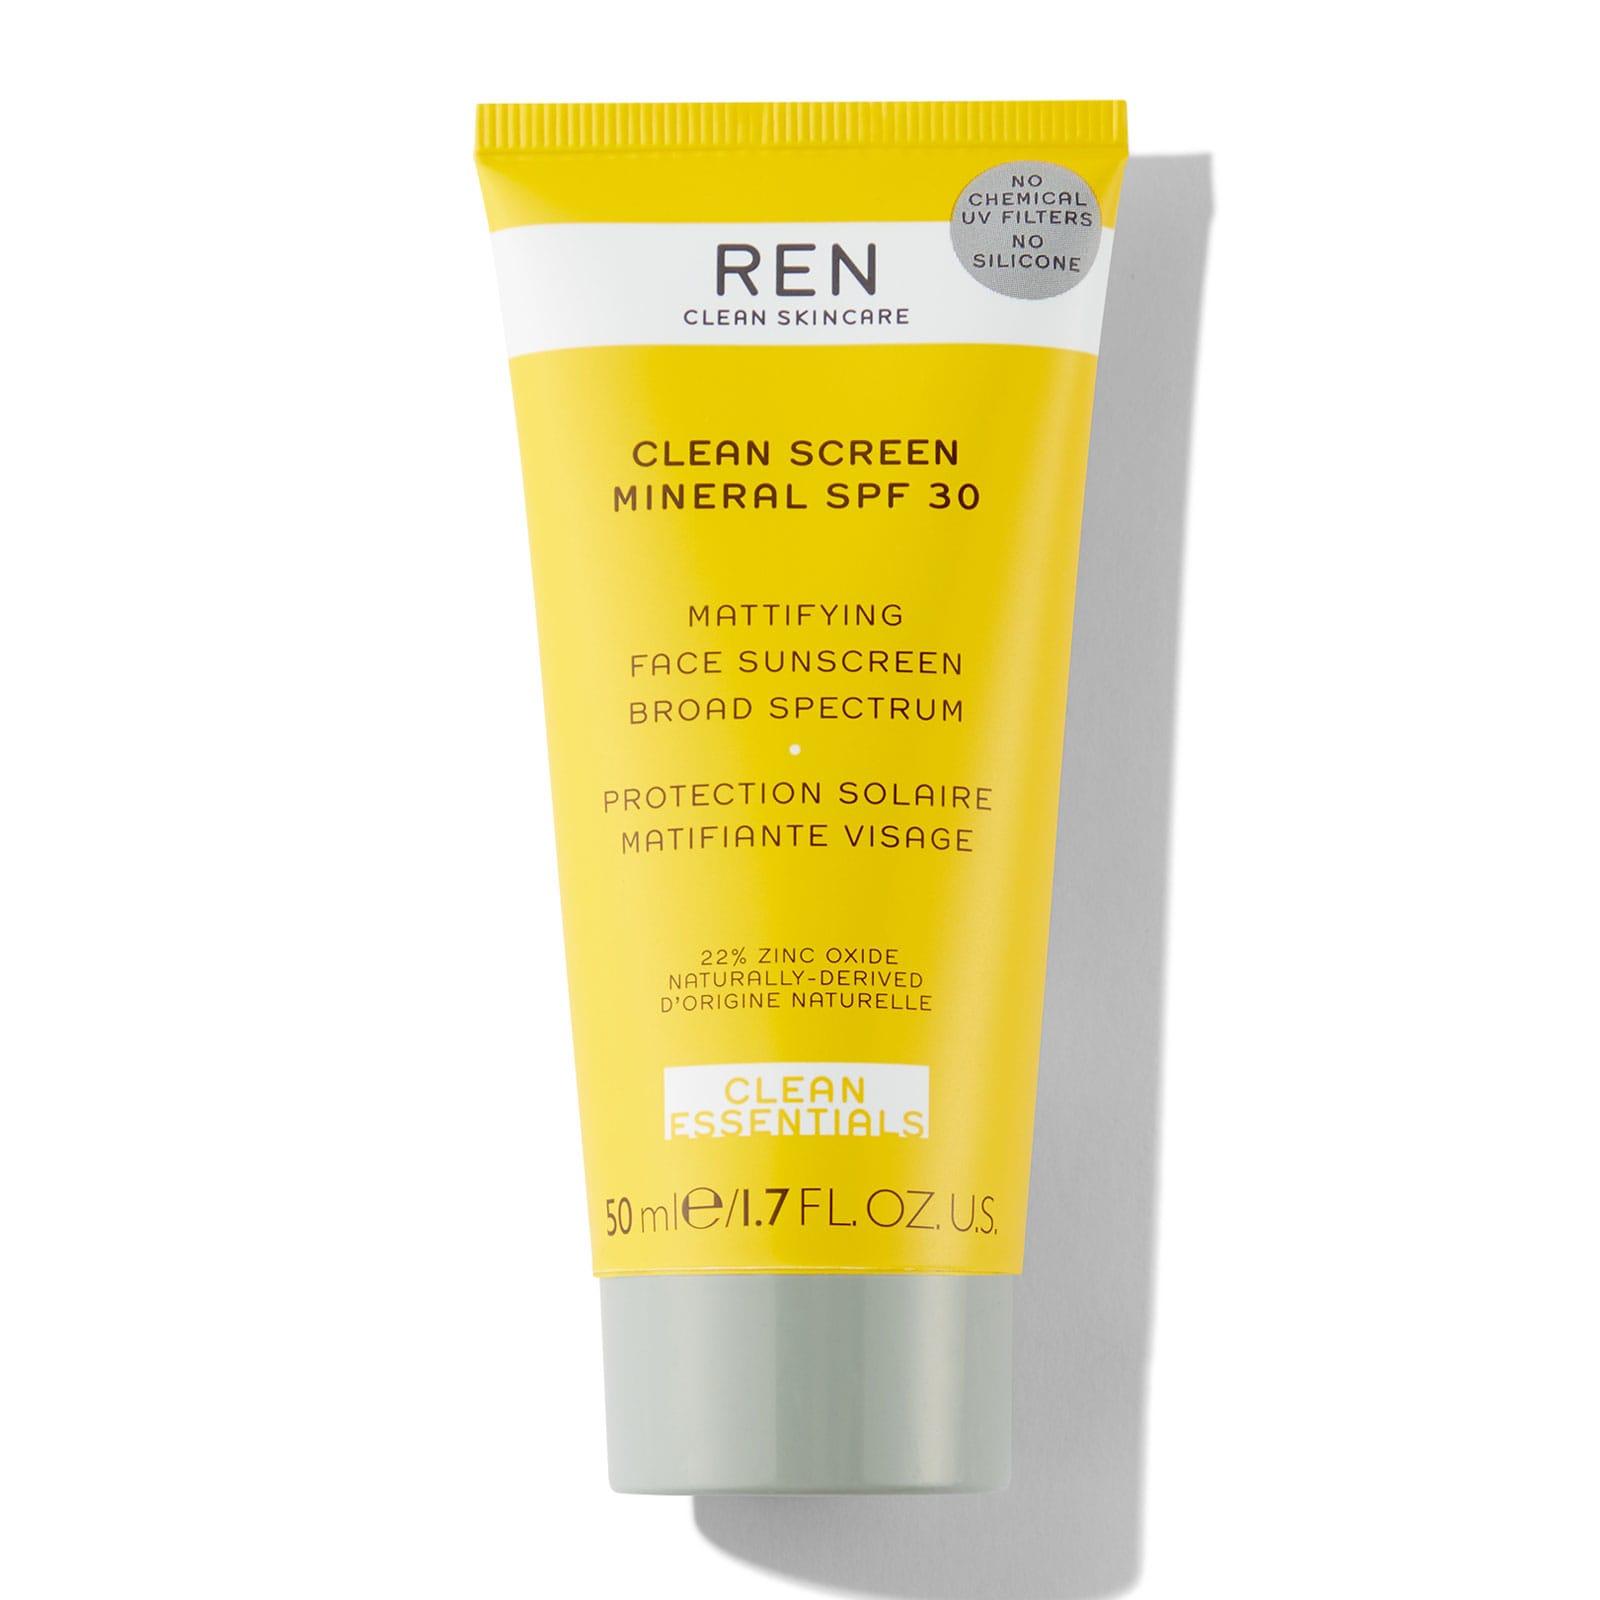 REN Clean Screen Mineral SPF30 50ml 59 лв. С високата заявка за най-чистата SPF формула, минералният крем на REN предпазва кожата от преждевременно остаряване, стимулирайки я сама да произвежда антиоксиданти.